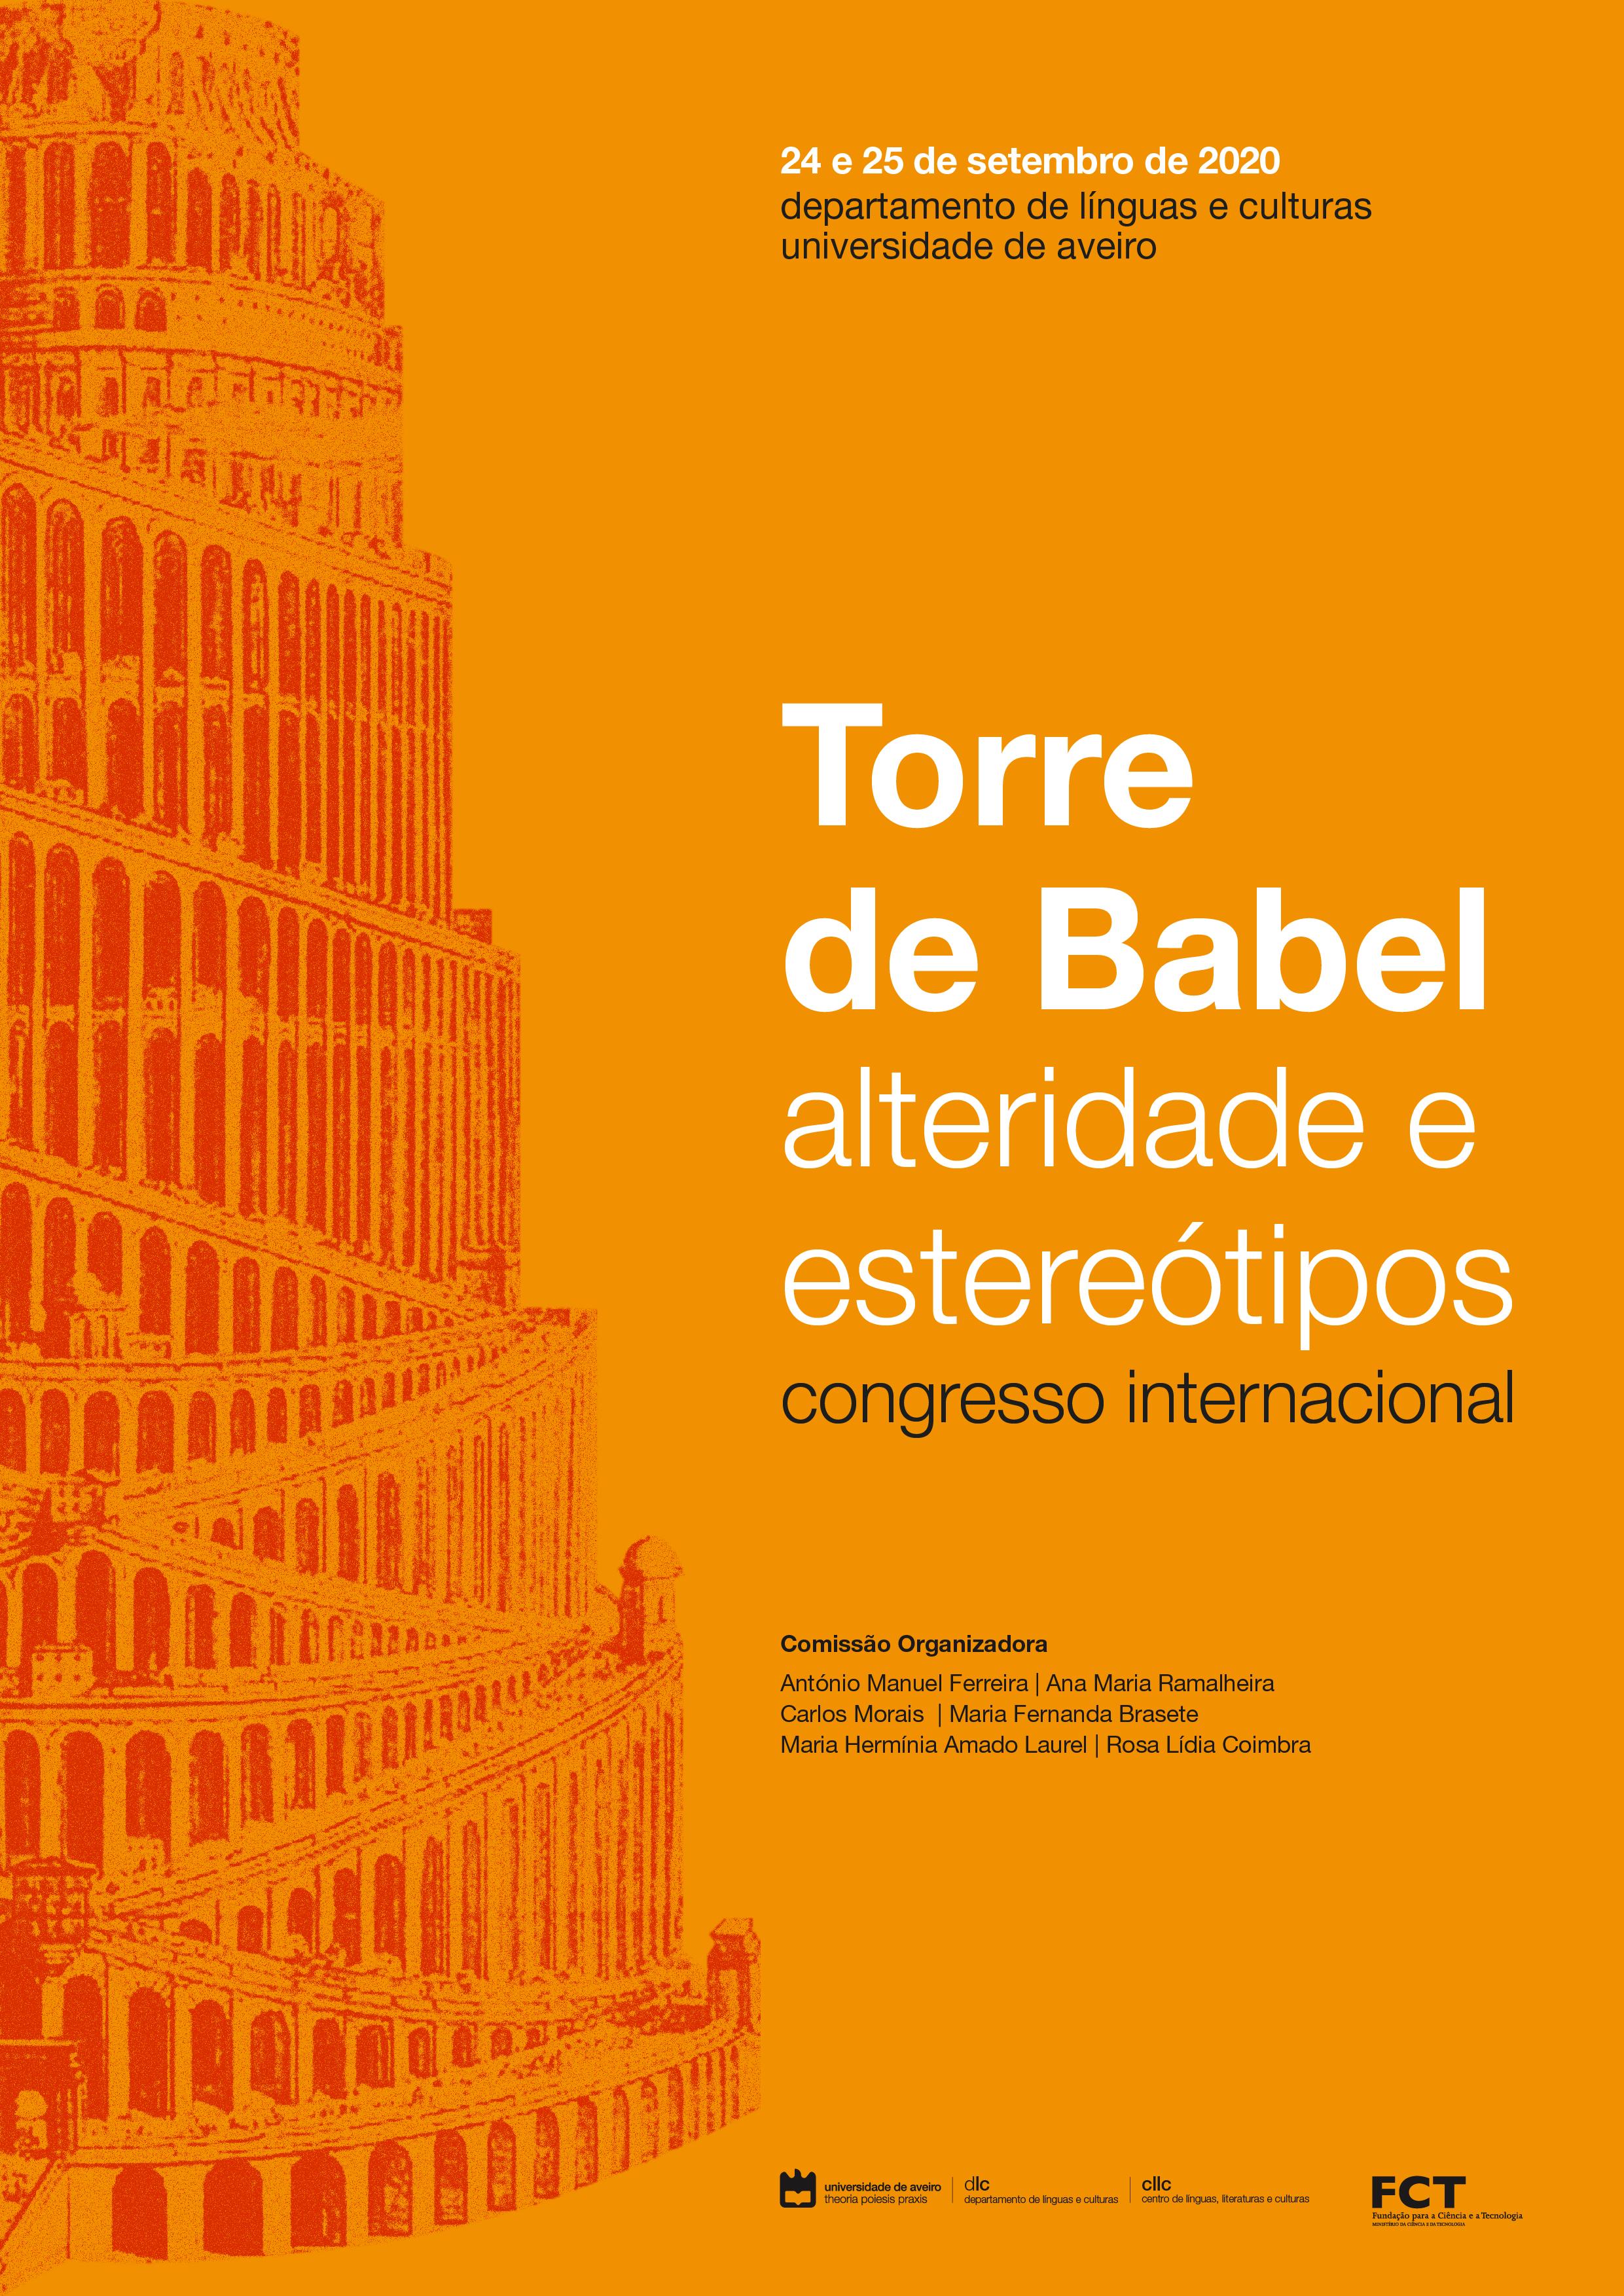 CALL. 15/06/2020: Torre de Babel: a